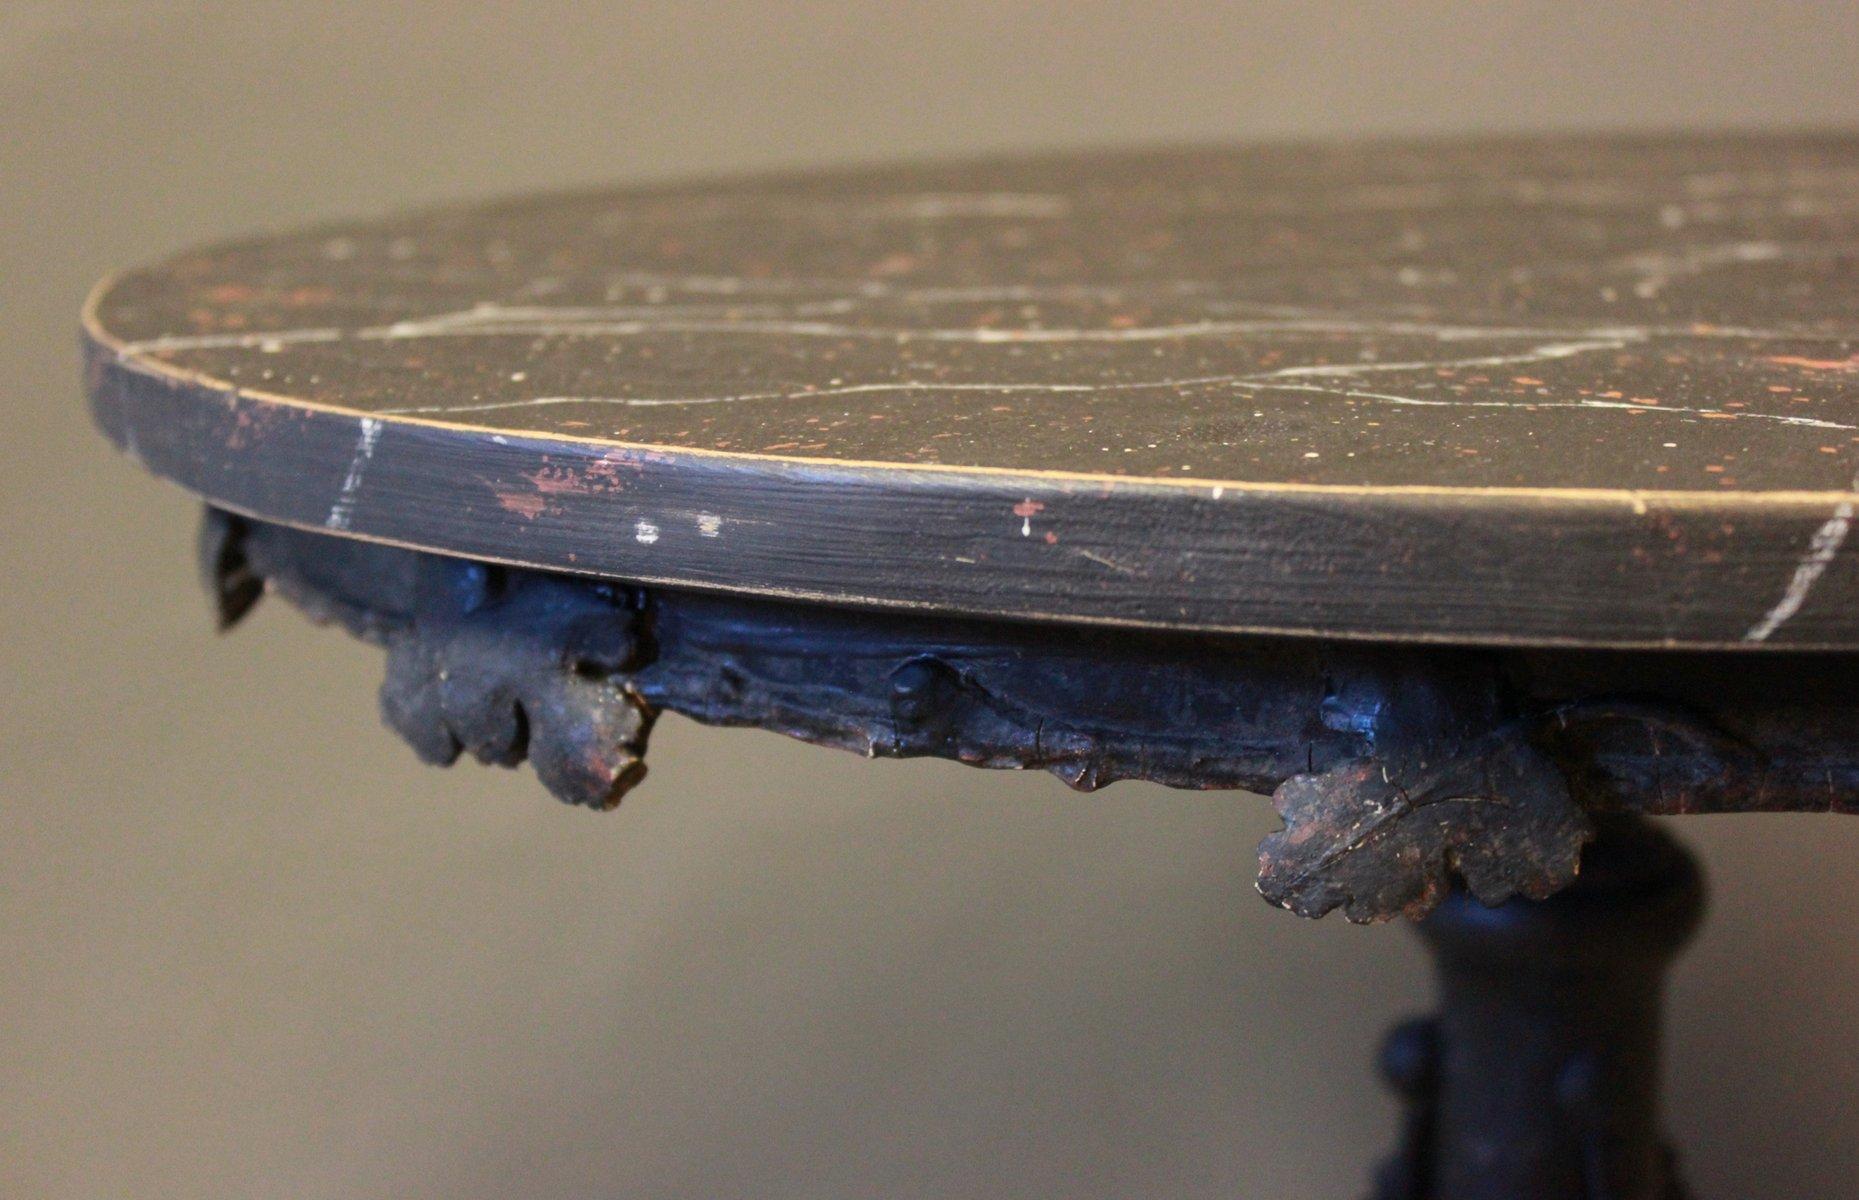 Table d 39 appoint ronde avec plateau marbr noir 1880s en vente sur pamono - Table ronde plateau marbre ...